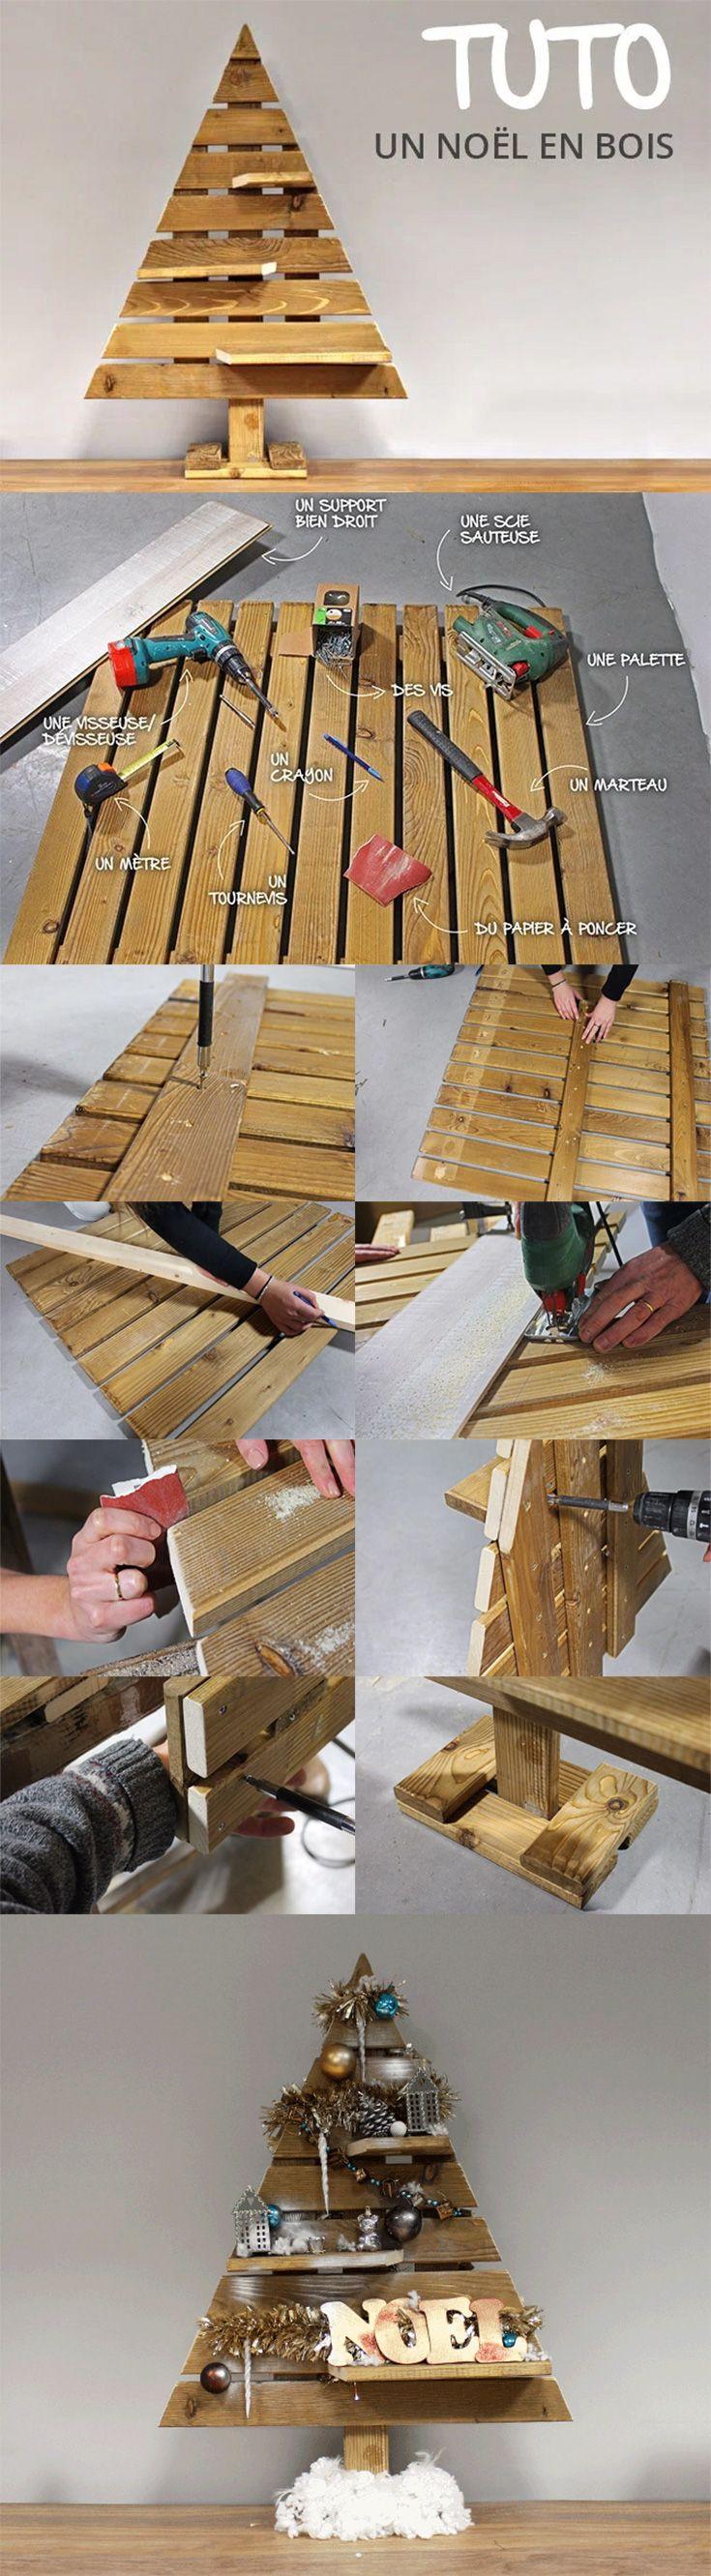 tutoriel comment faire un sapin en bois diy sapin de no l sapin en palette et sapin. Black Bedroom Furniture Sets. Home Design Ideas